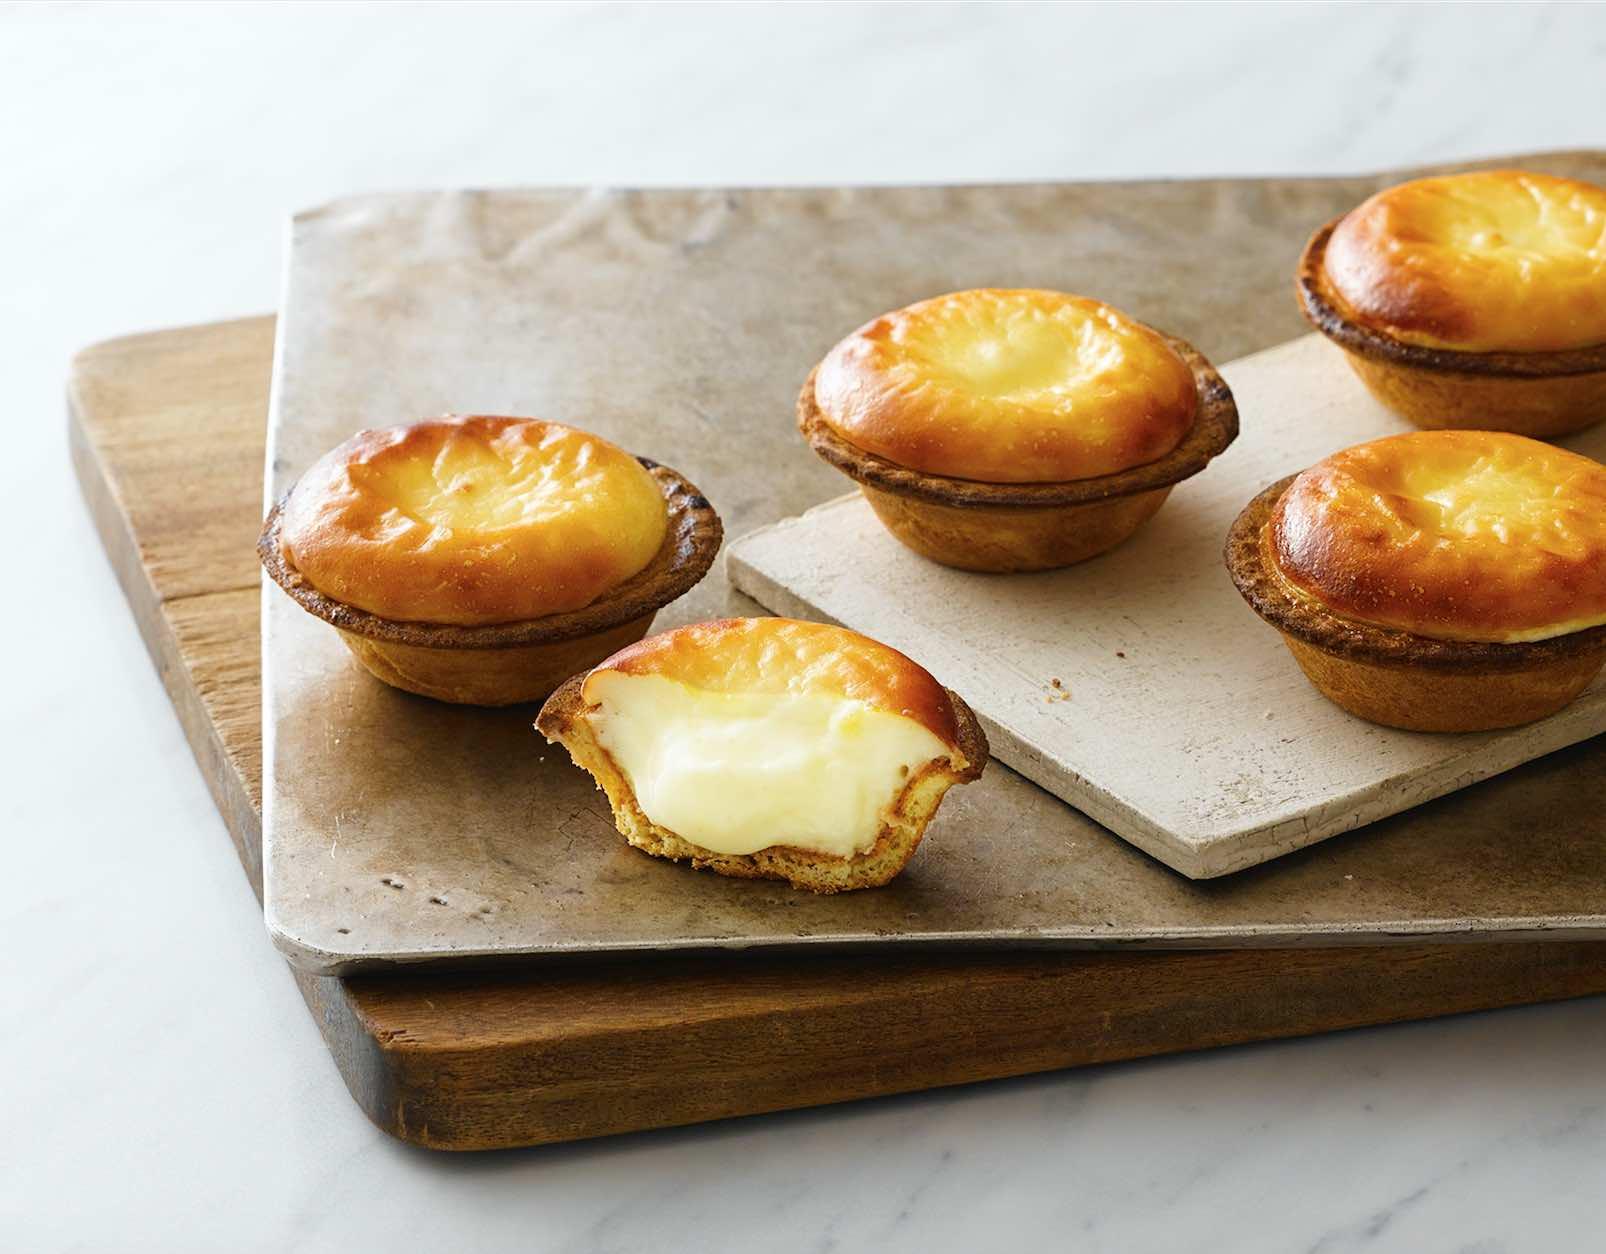 popular-hokkaido-bake-cheese-tarts-singapore-aspirantsg